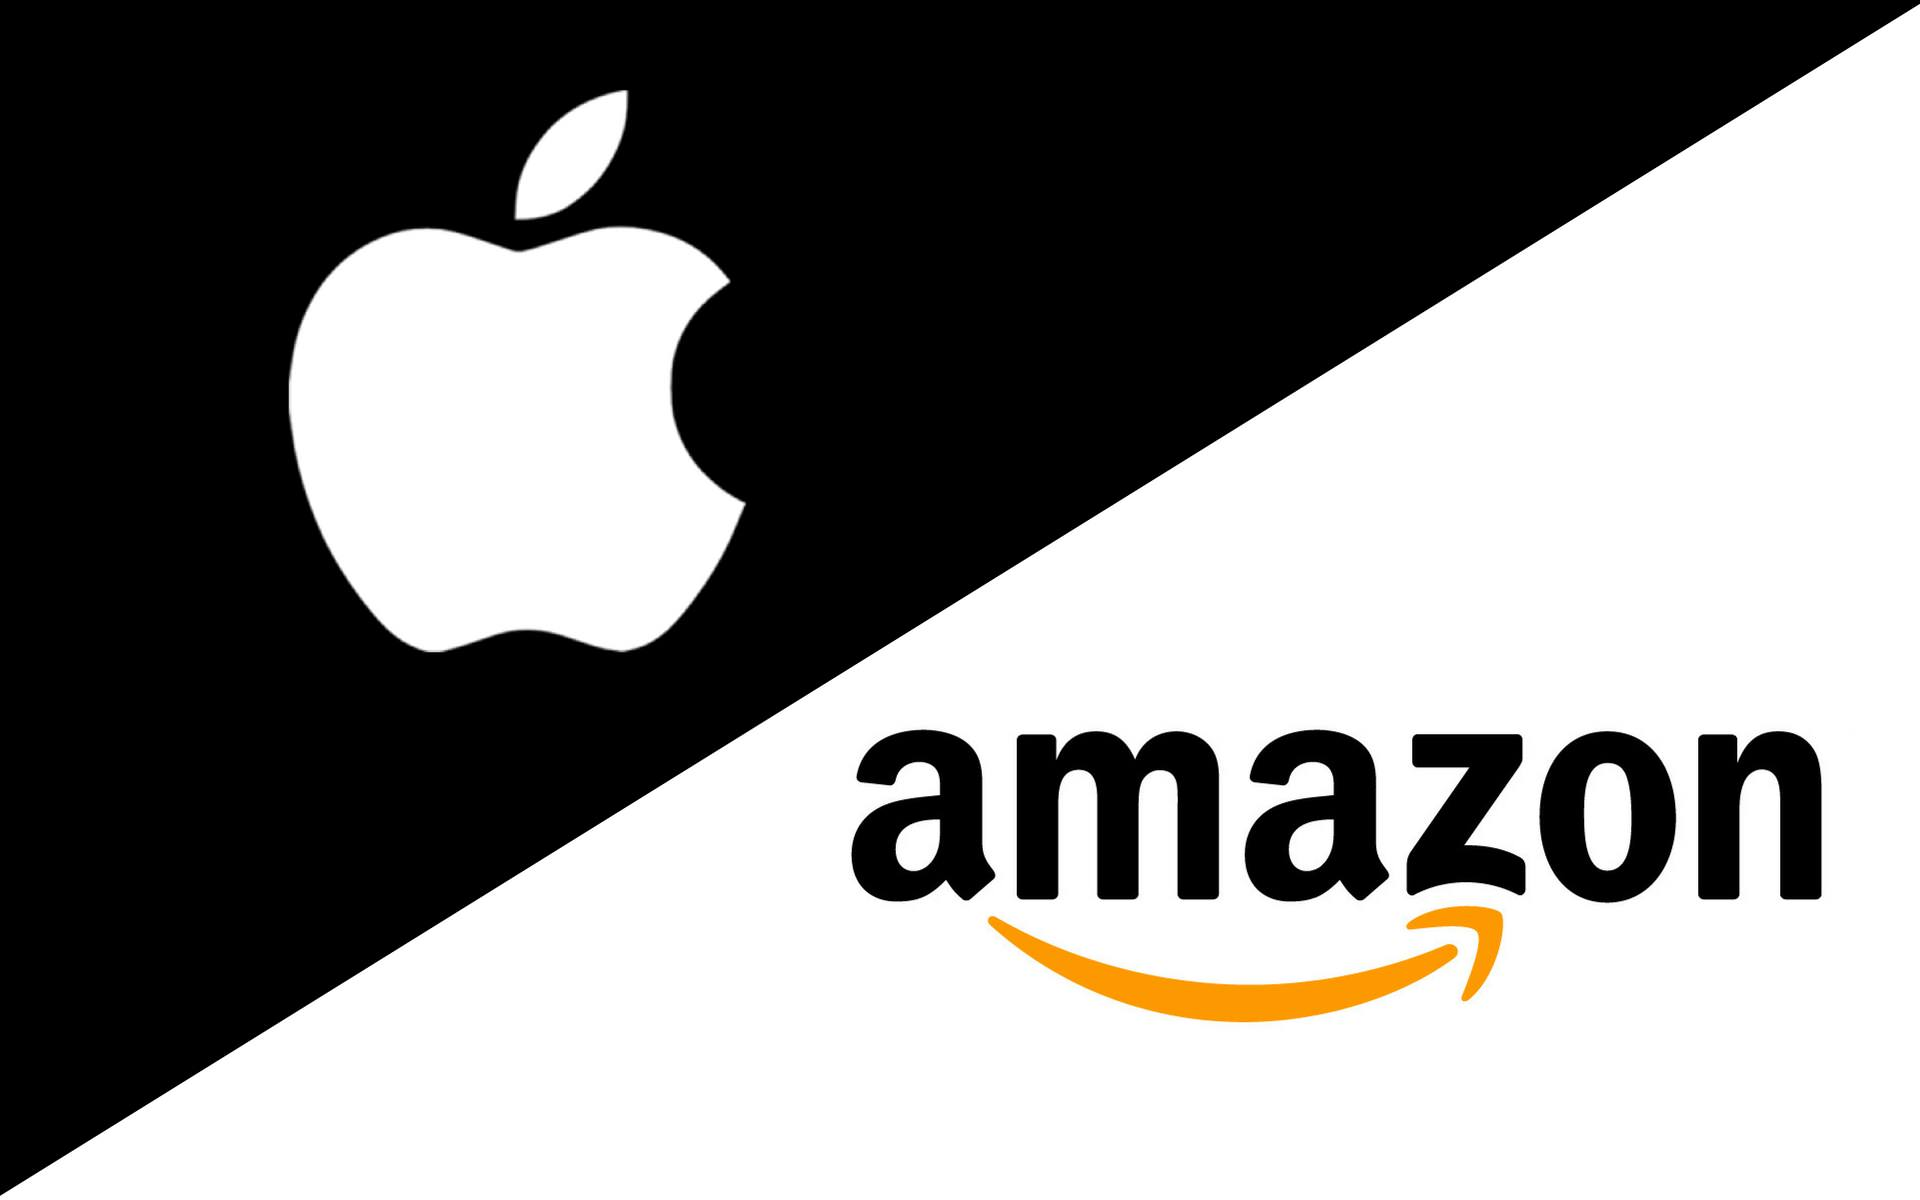 Lợi nhuận quý 1/2018 của Apple bằng… 143% số lãi trọn đời của Amazon